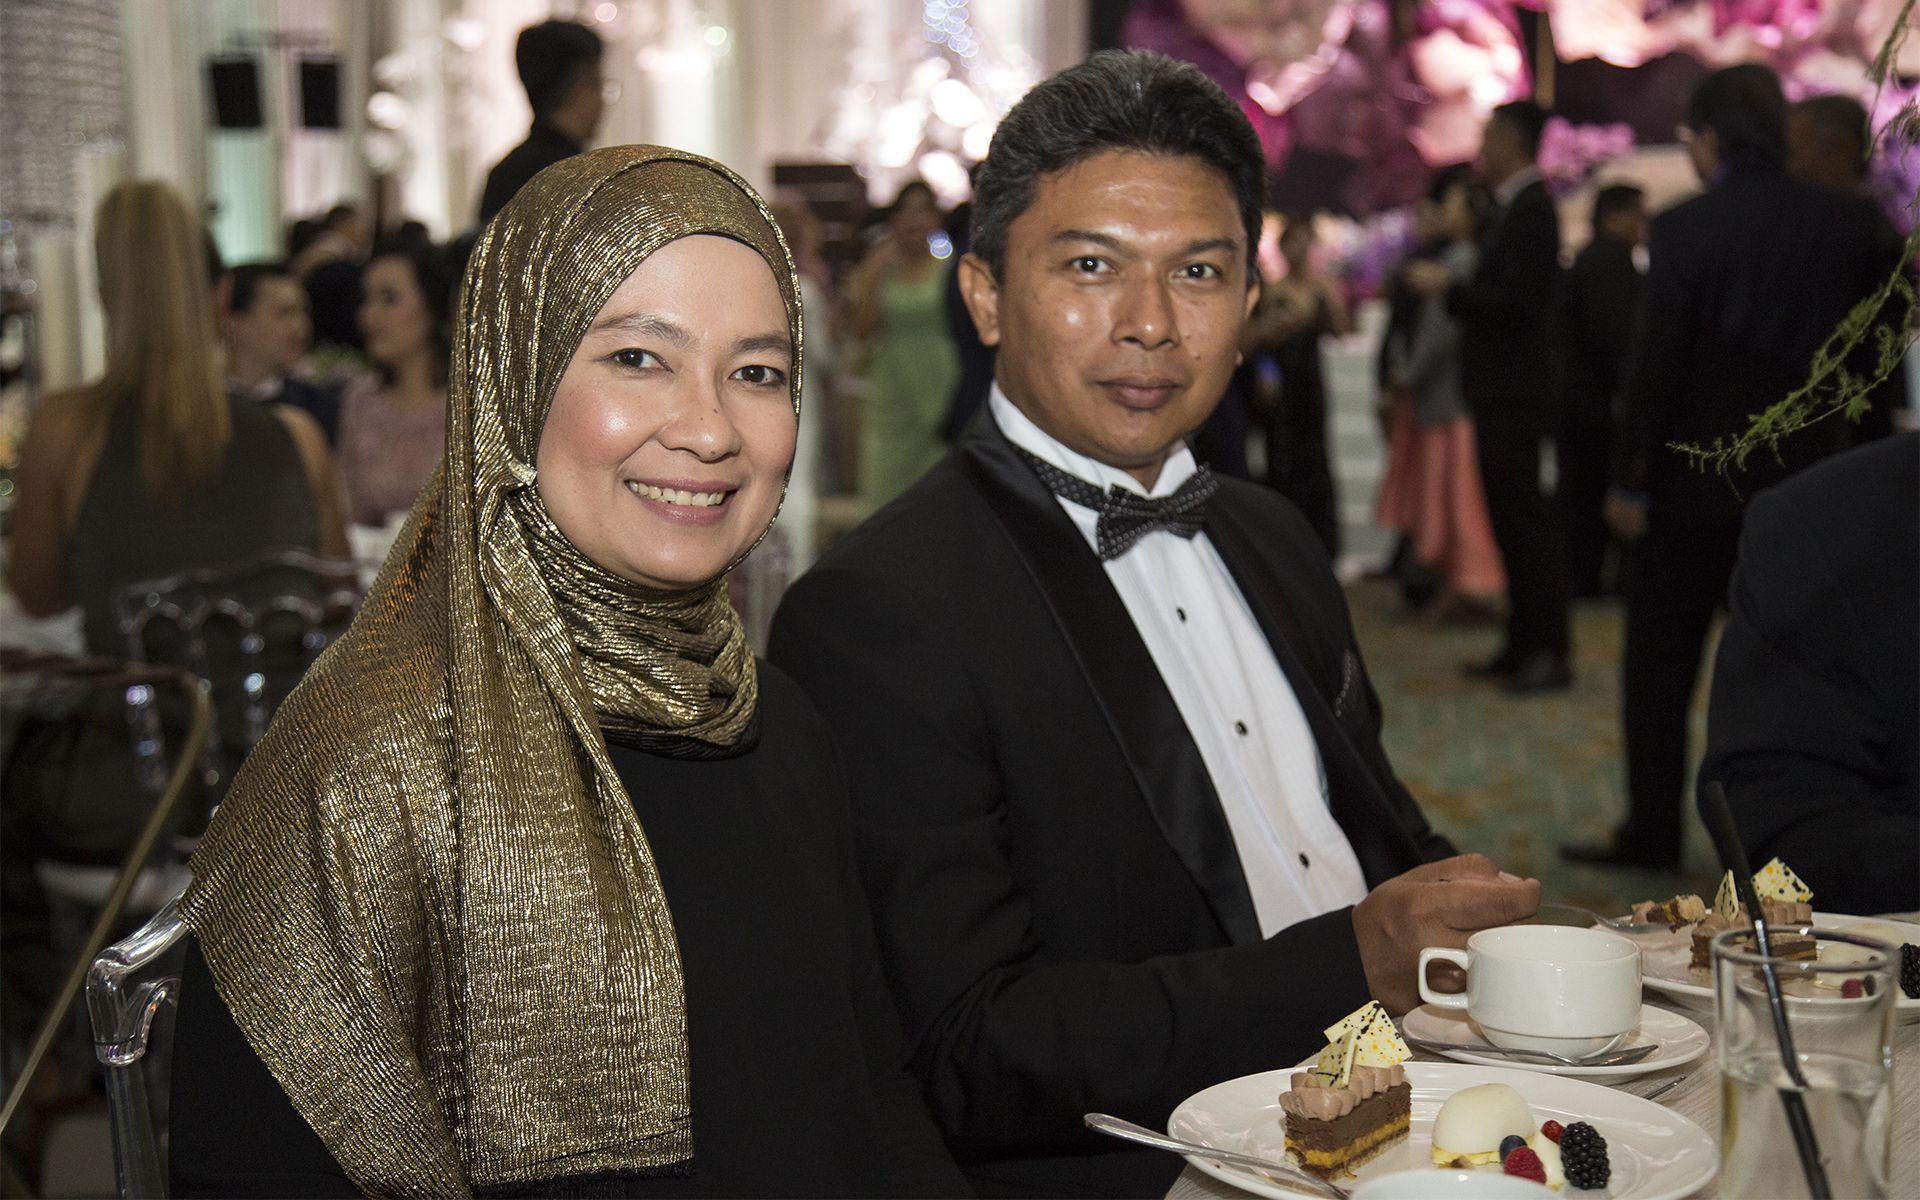 Noraihan Abdul Rahman and Tunku Faidzal Hanizar